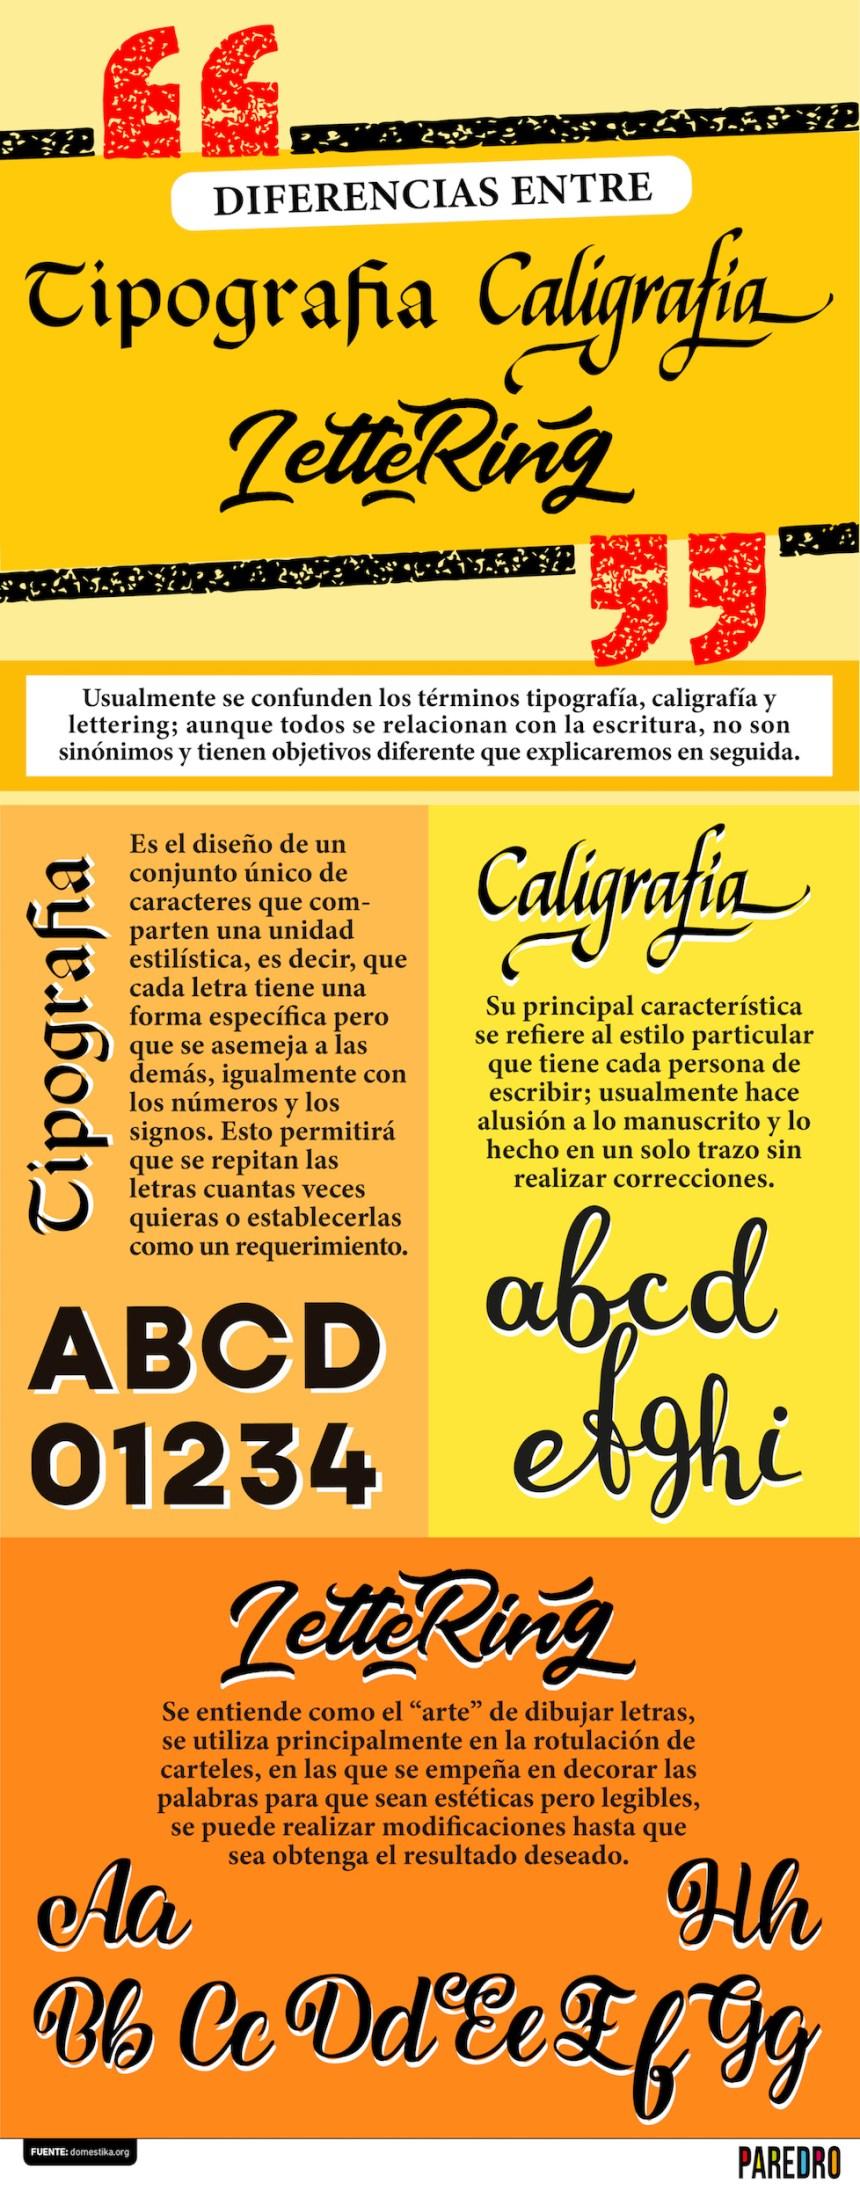 Tipografía vs Caligrafía vs Lettering